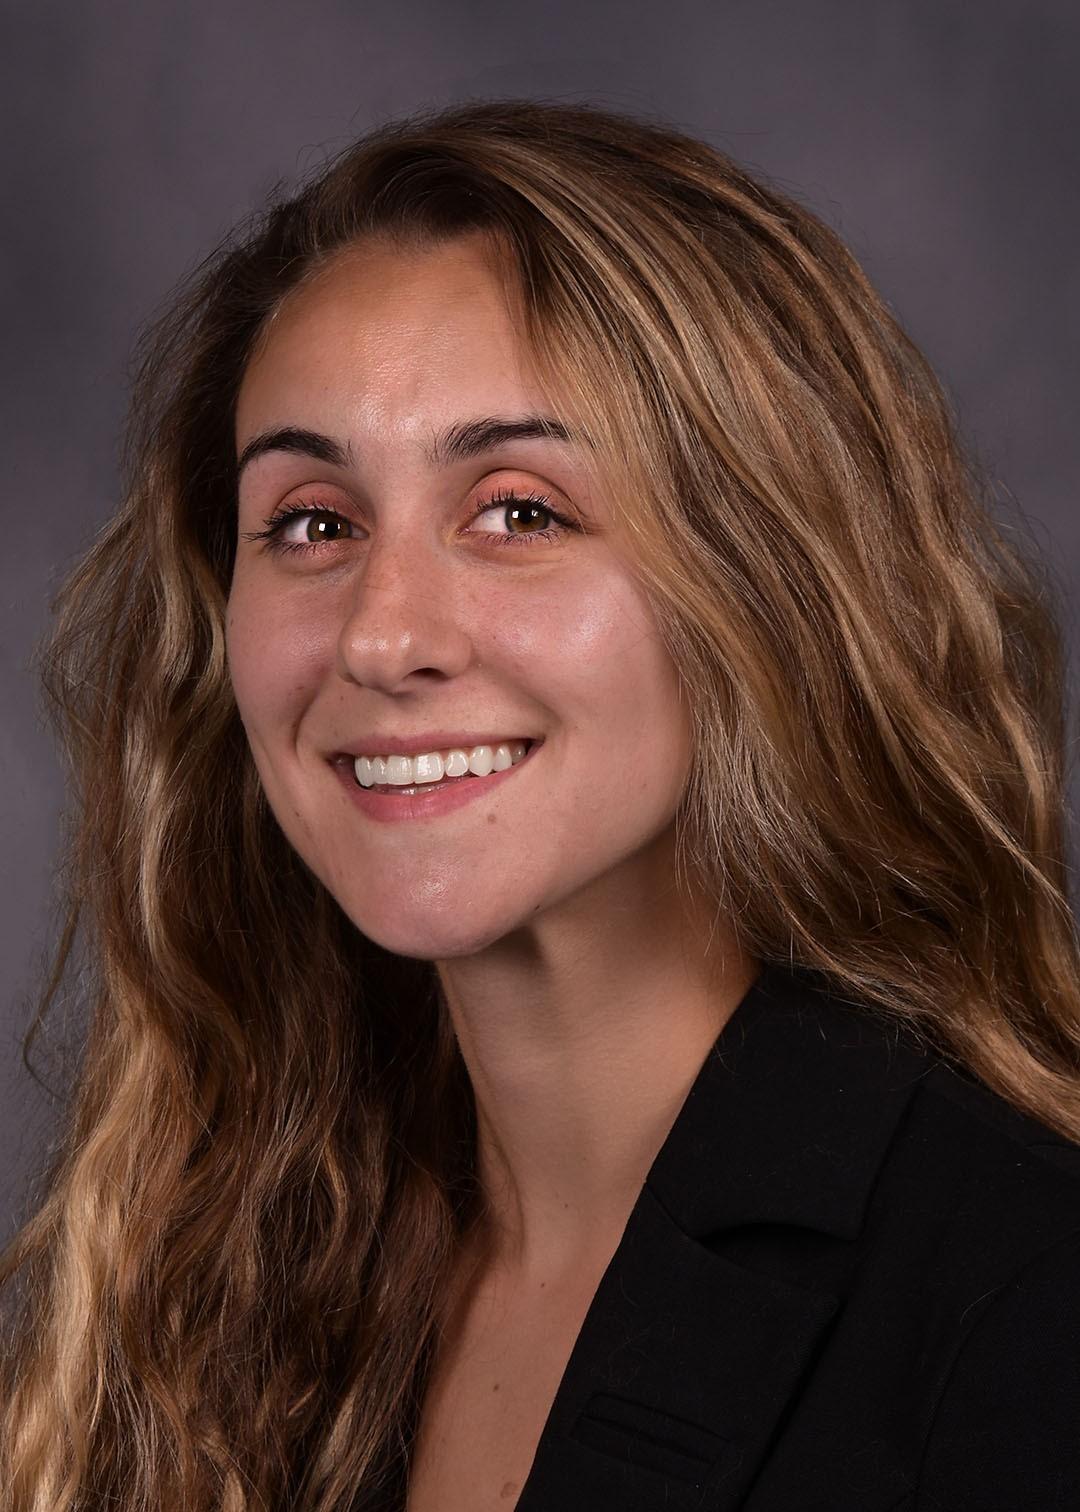 Jasmine Hoff is Kent State's new graduate student trustee.